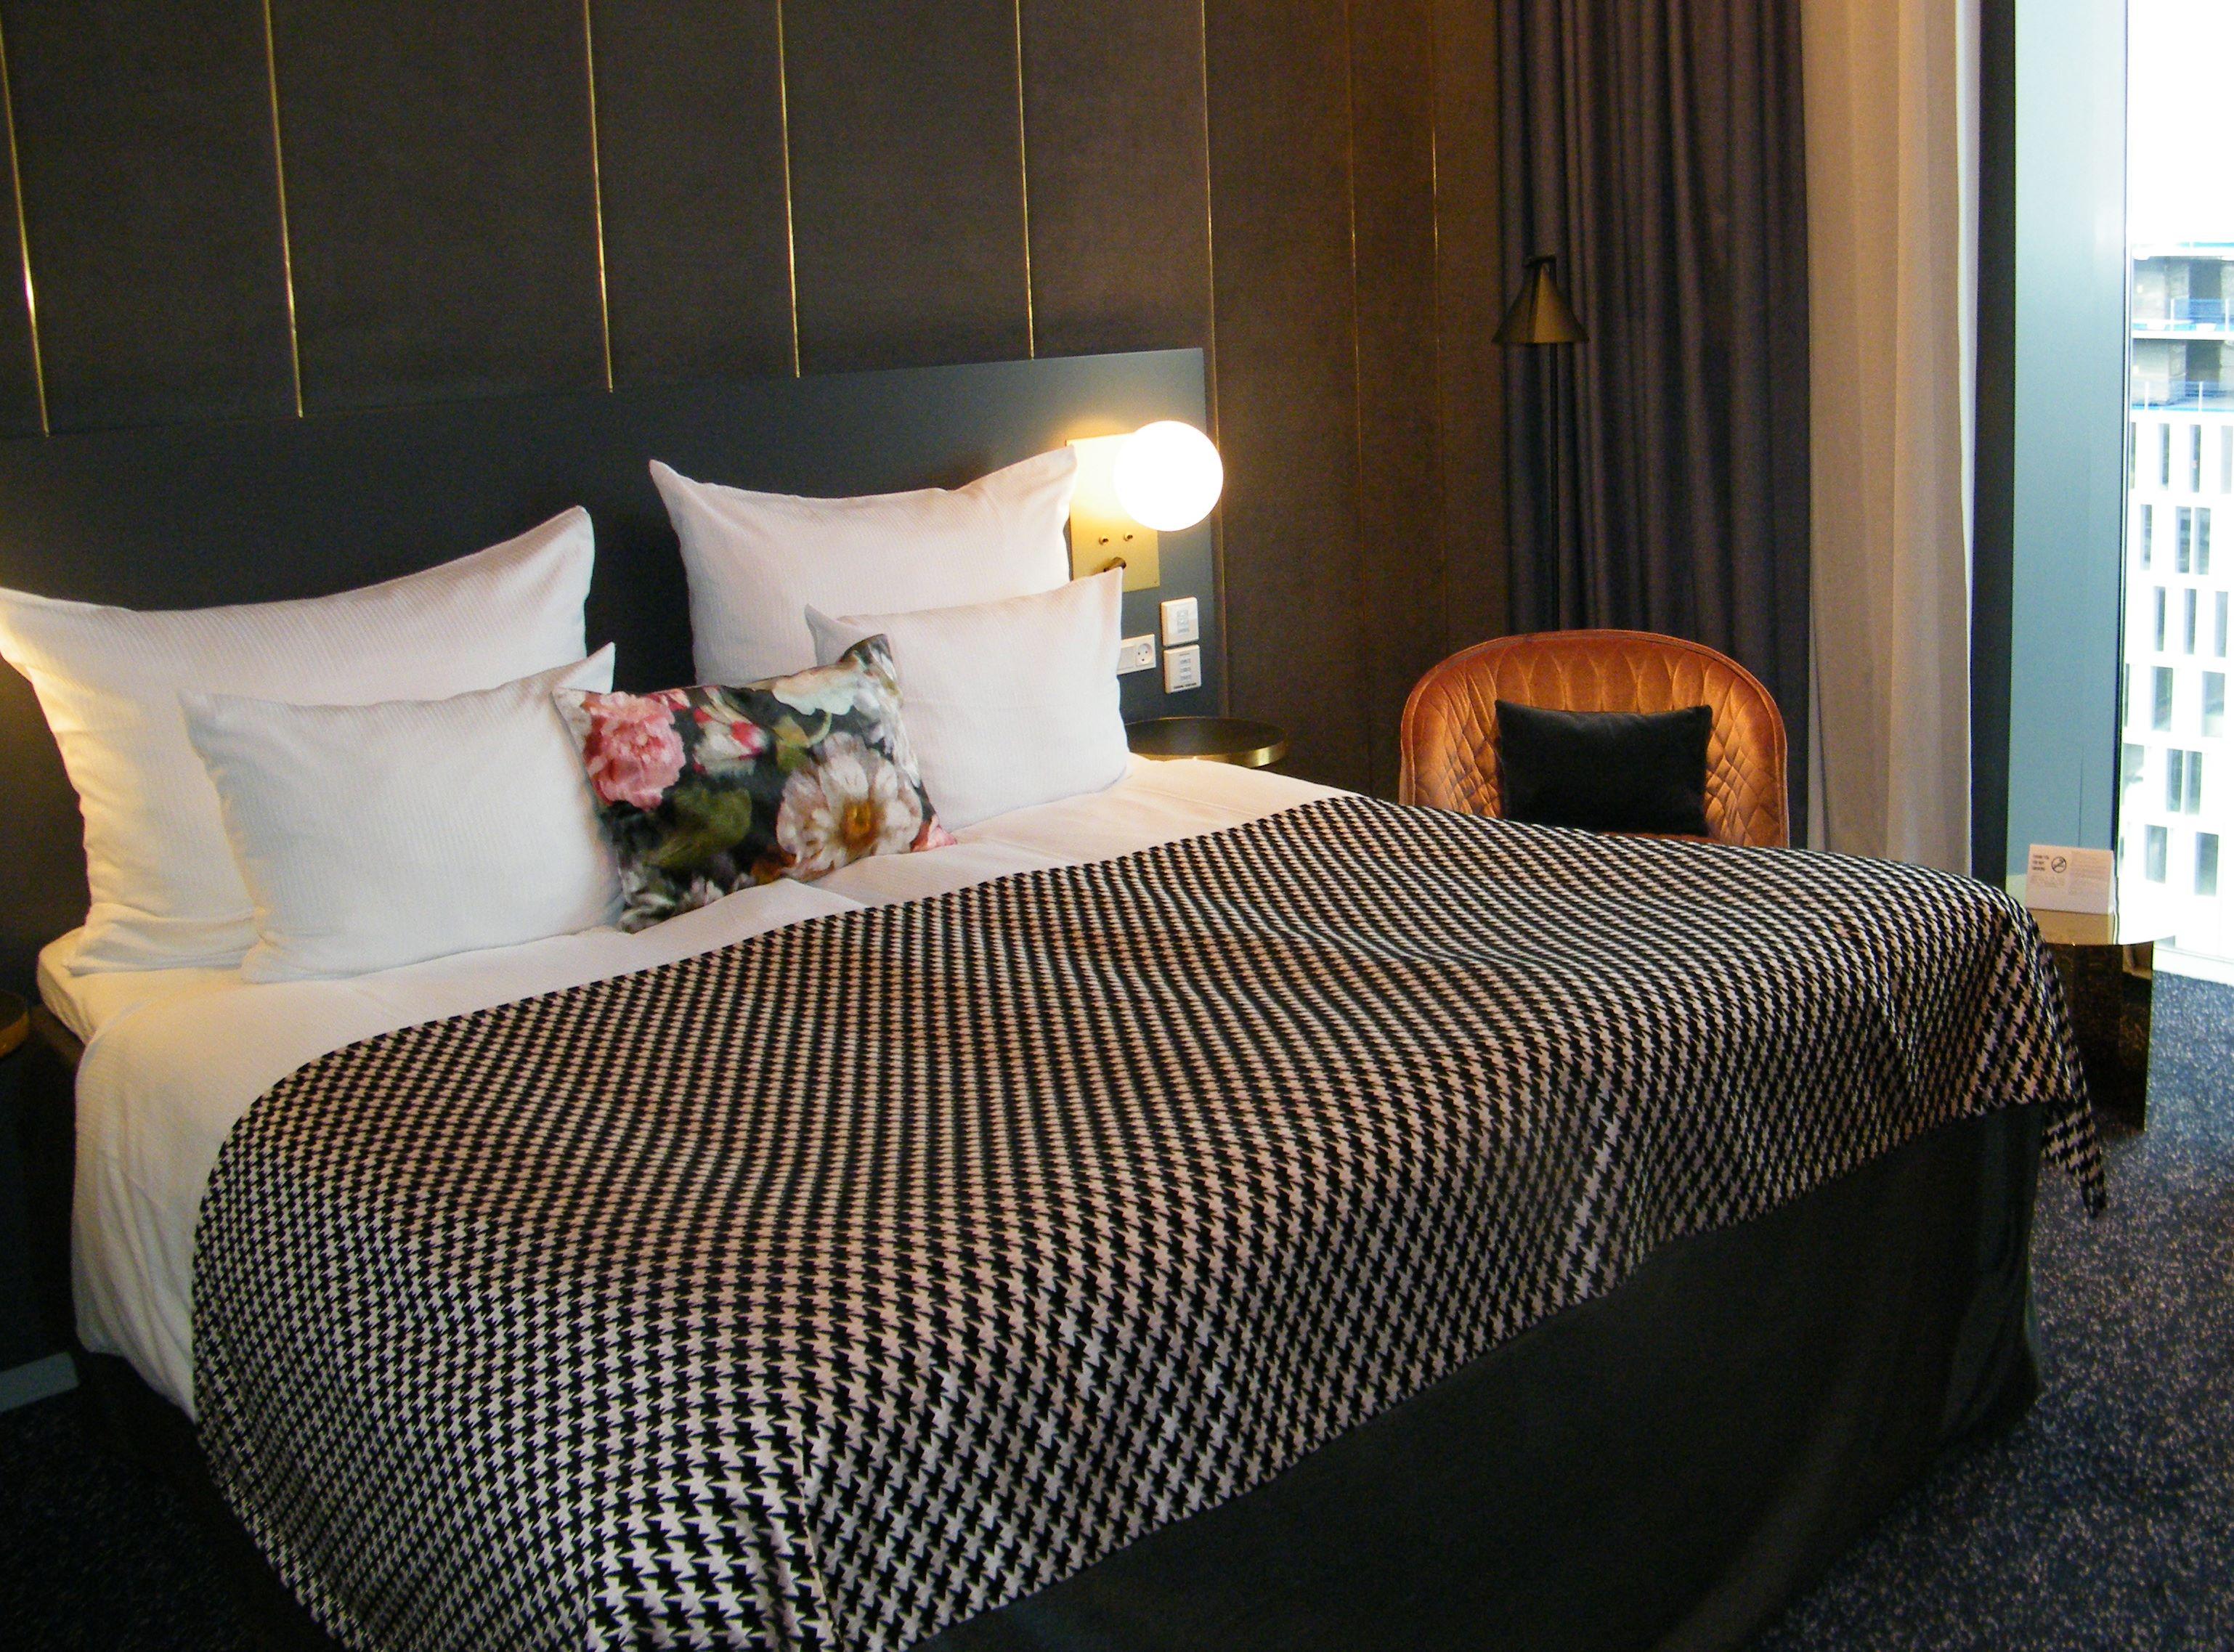 De danske hoteller har generelt haft en vækst i årets første otte måneder på 650.000 overnattende gæster – blandt andet her på det i øjeblikket eneste hotel i Københavns Lufthavn, Clarion Hotel Copenhagen Airport med 383 værelser. Foto: Henrik Baumgarten.